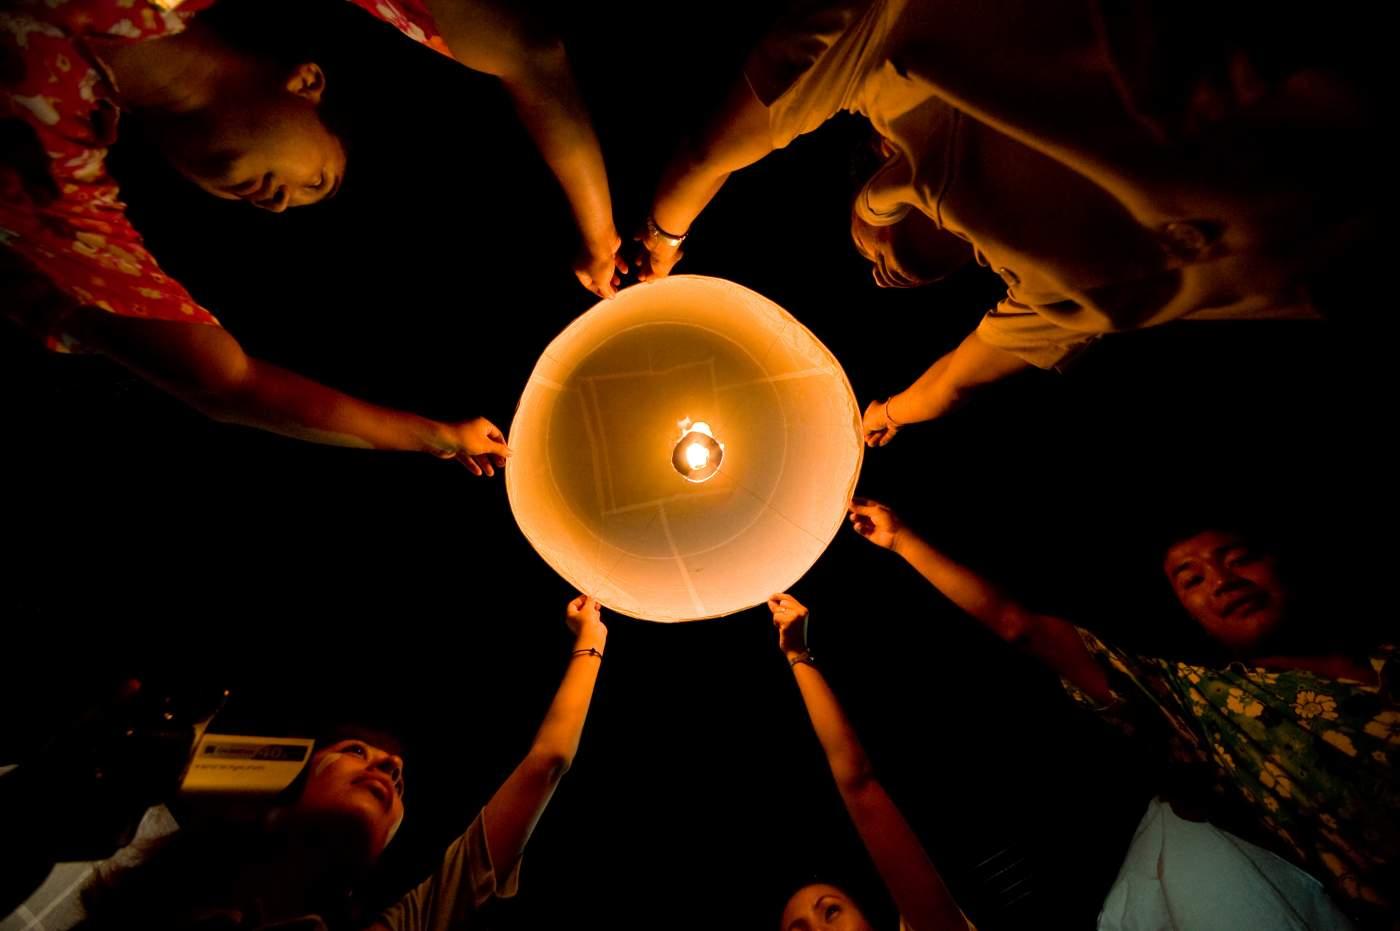 Lampenfest in Thailand, Länderinfo vom Reiseveranstalter OVERCROSS